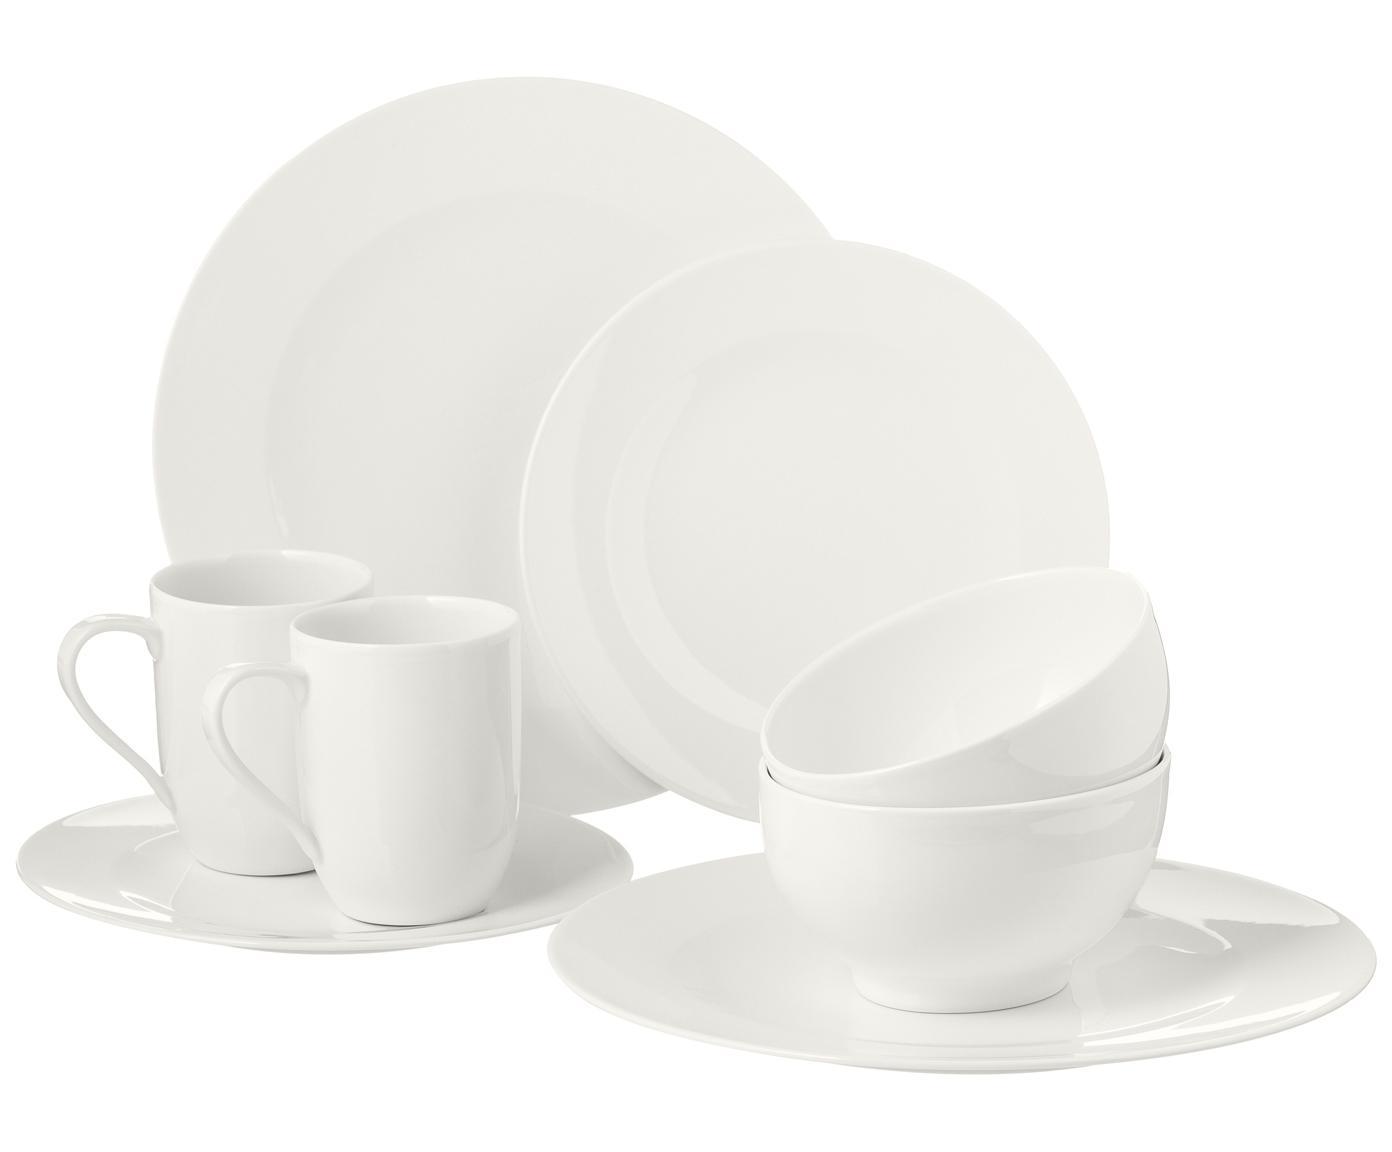 Geschirr-Set For Me aus Porzellan, 4 Personen (16-tlg.), Porzellan, Gebrochenes Weiß, Sondergrößen